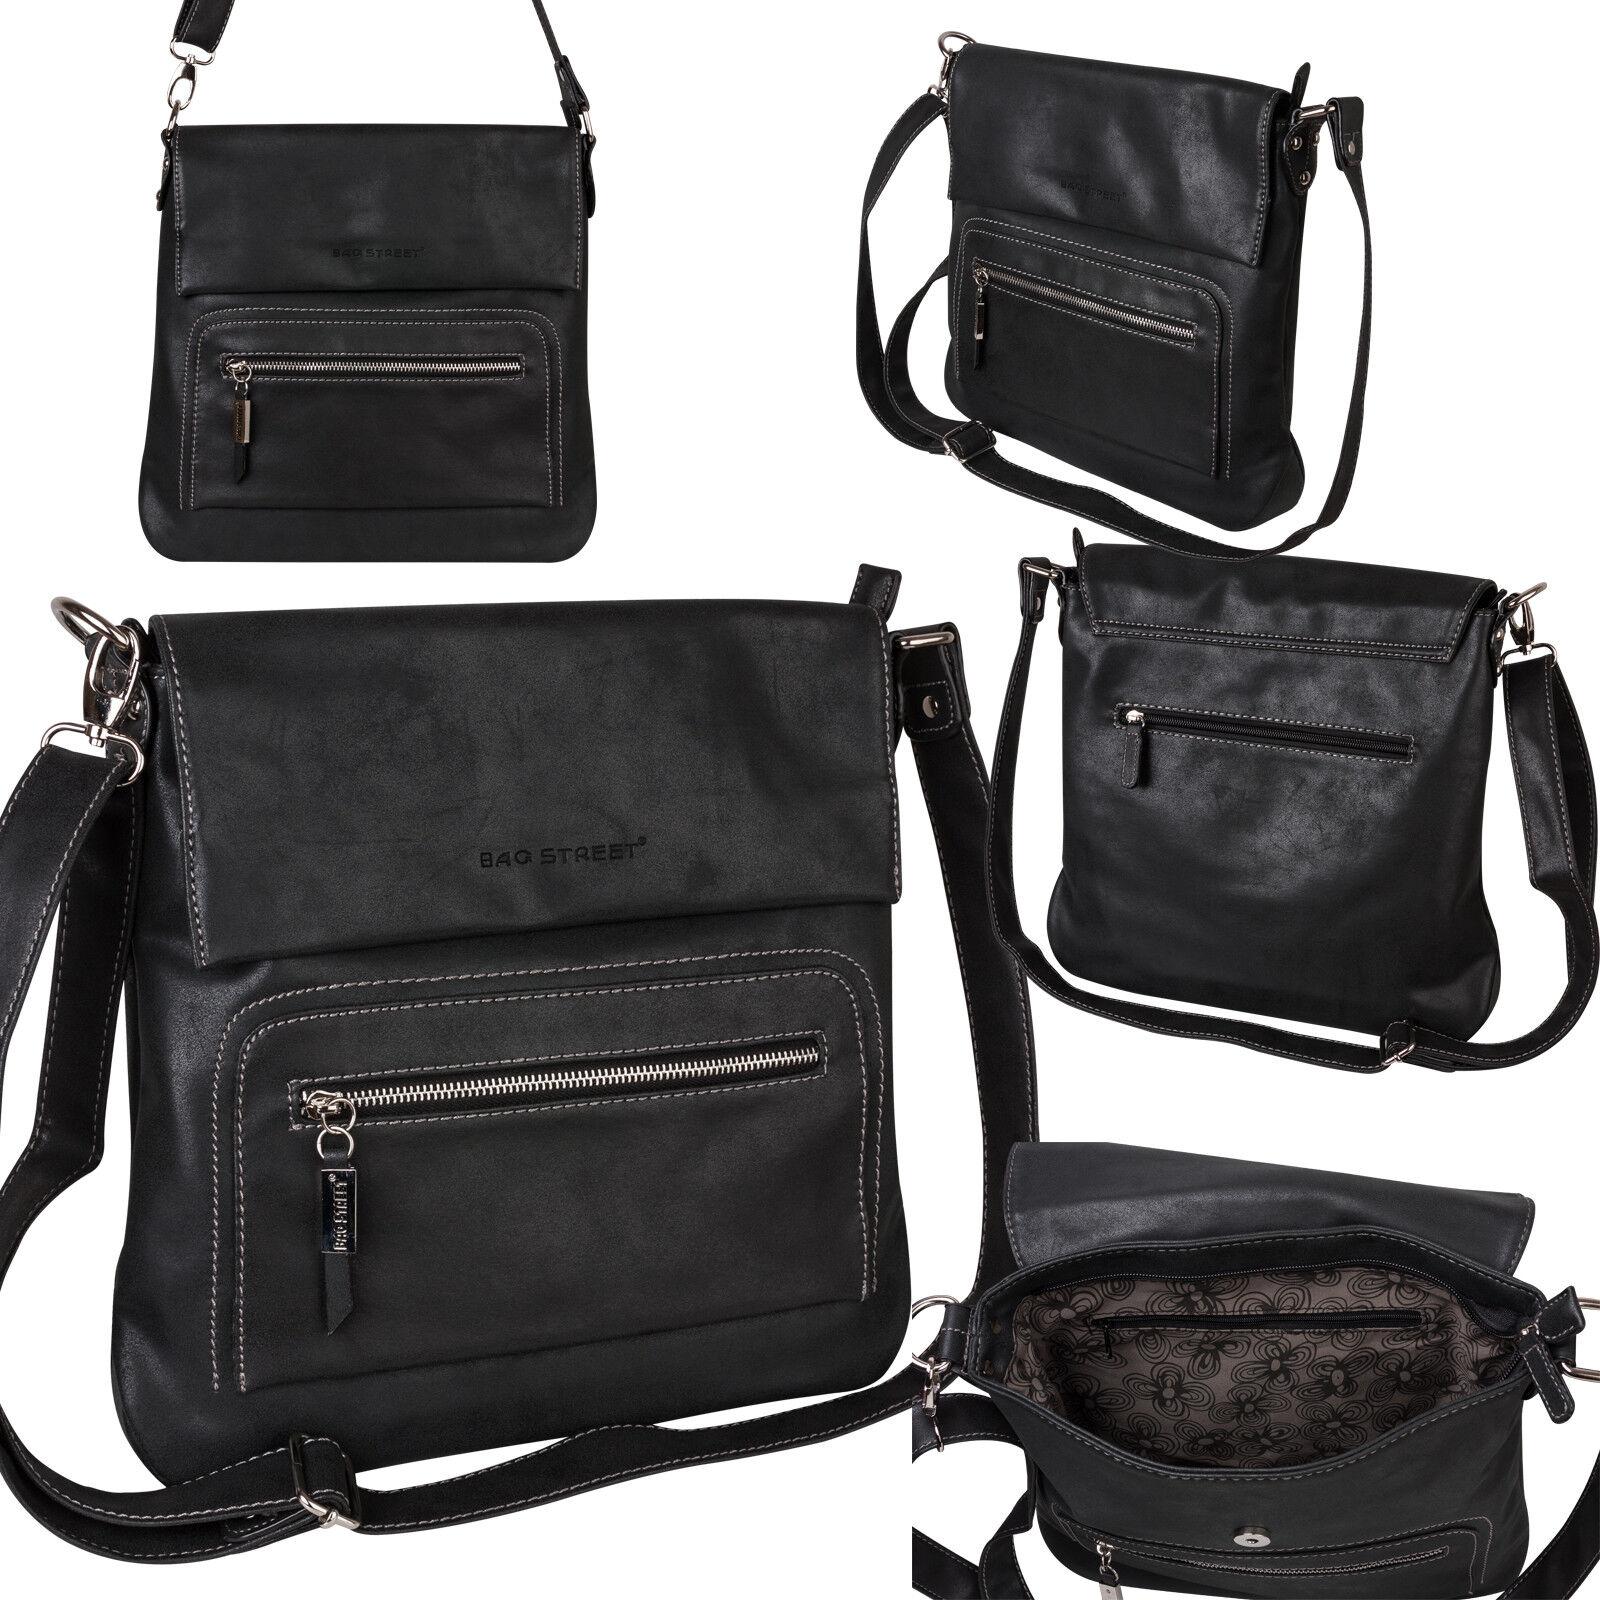 Bag Street Damentasche Umhängetasche Handtasche Schultertasche K2 T0103 Schwarz